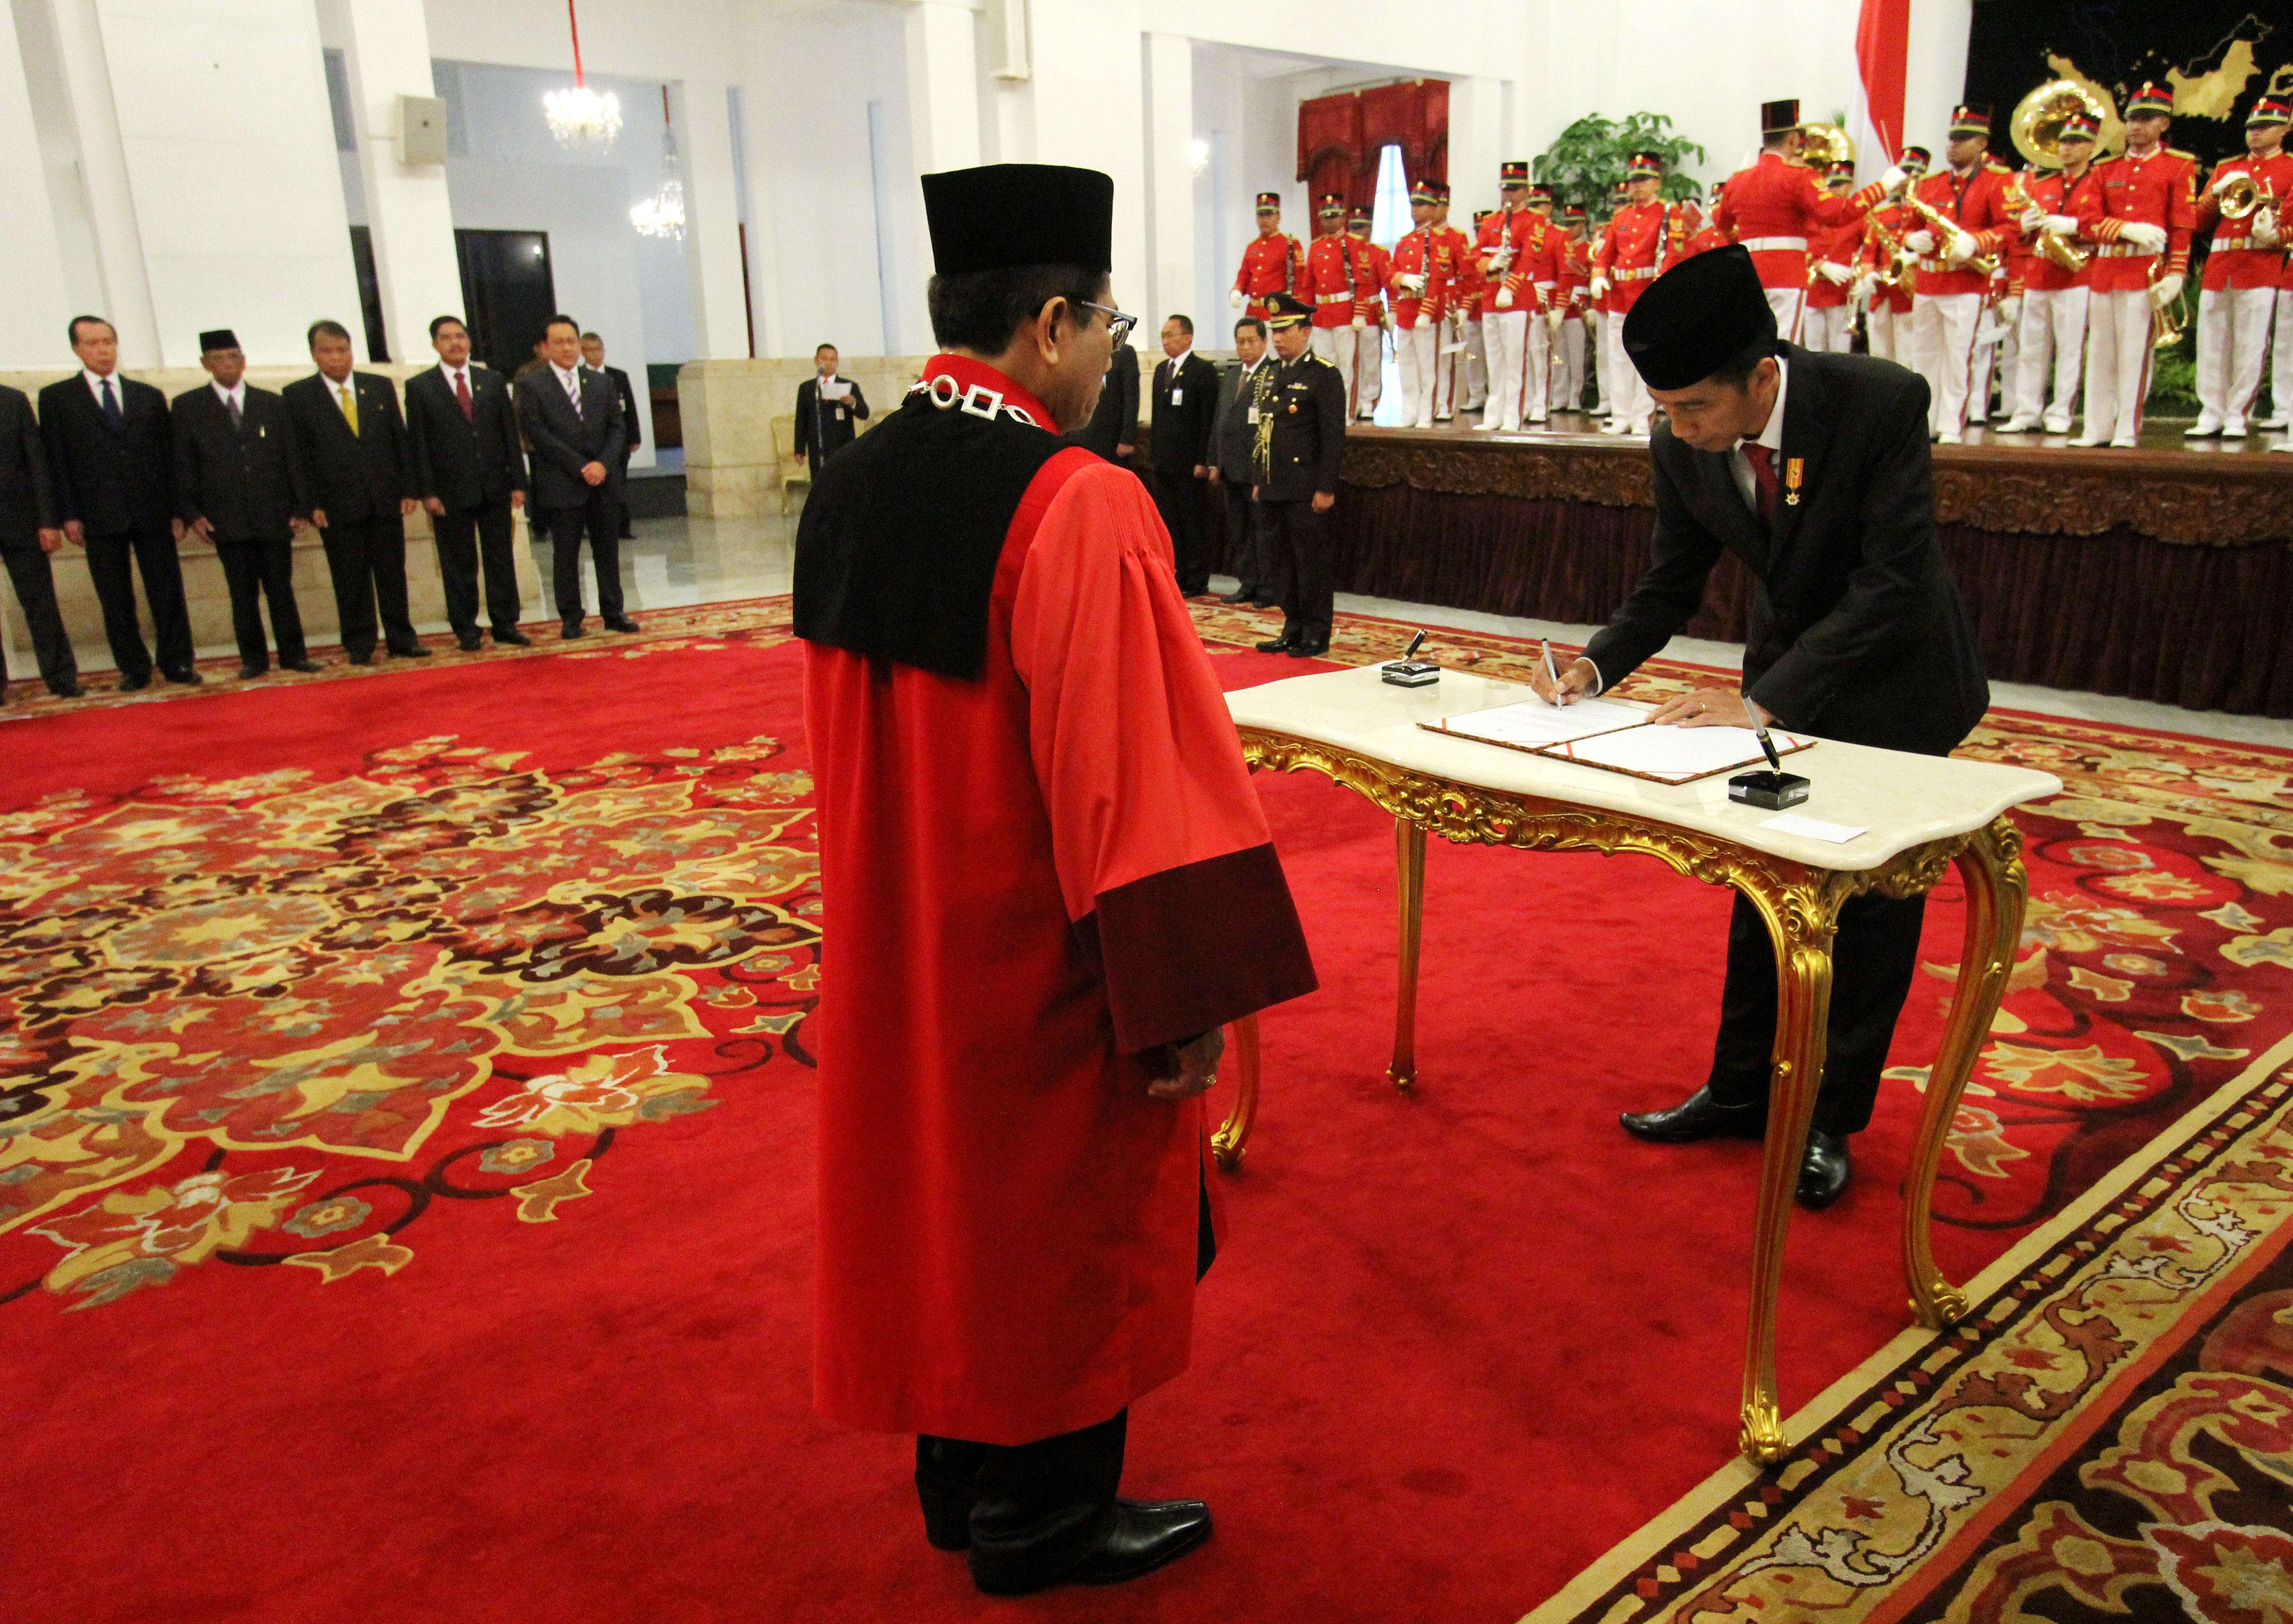 Presiden RI Joko Widodo Menandatangani Pengangkatan Hakim Konstitusi Manahan Sitompul di Istana Negara 28 April 2015